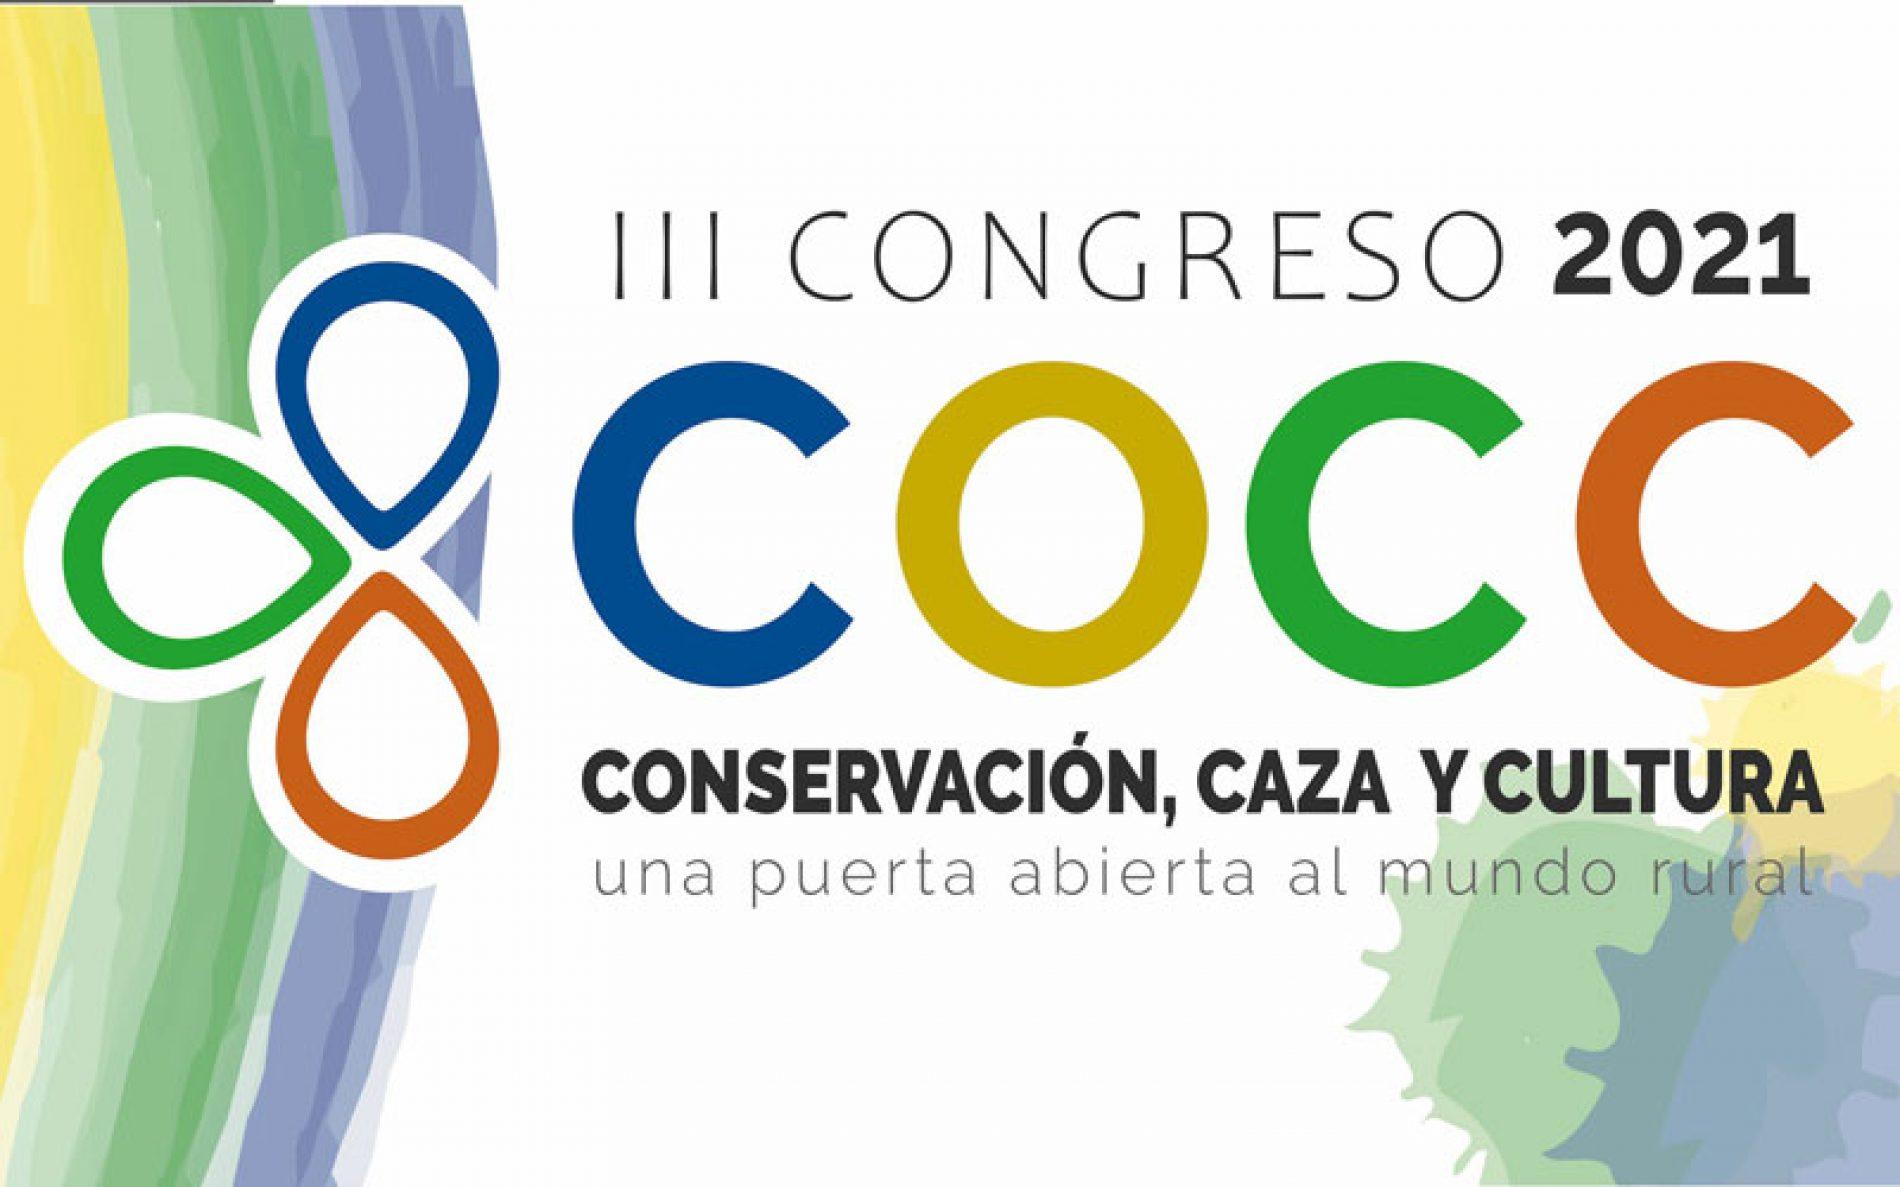 Cáceres acogerá el próximo 1 de octubre el III Congreso Conservación, Caza y Cultura